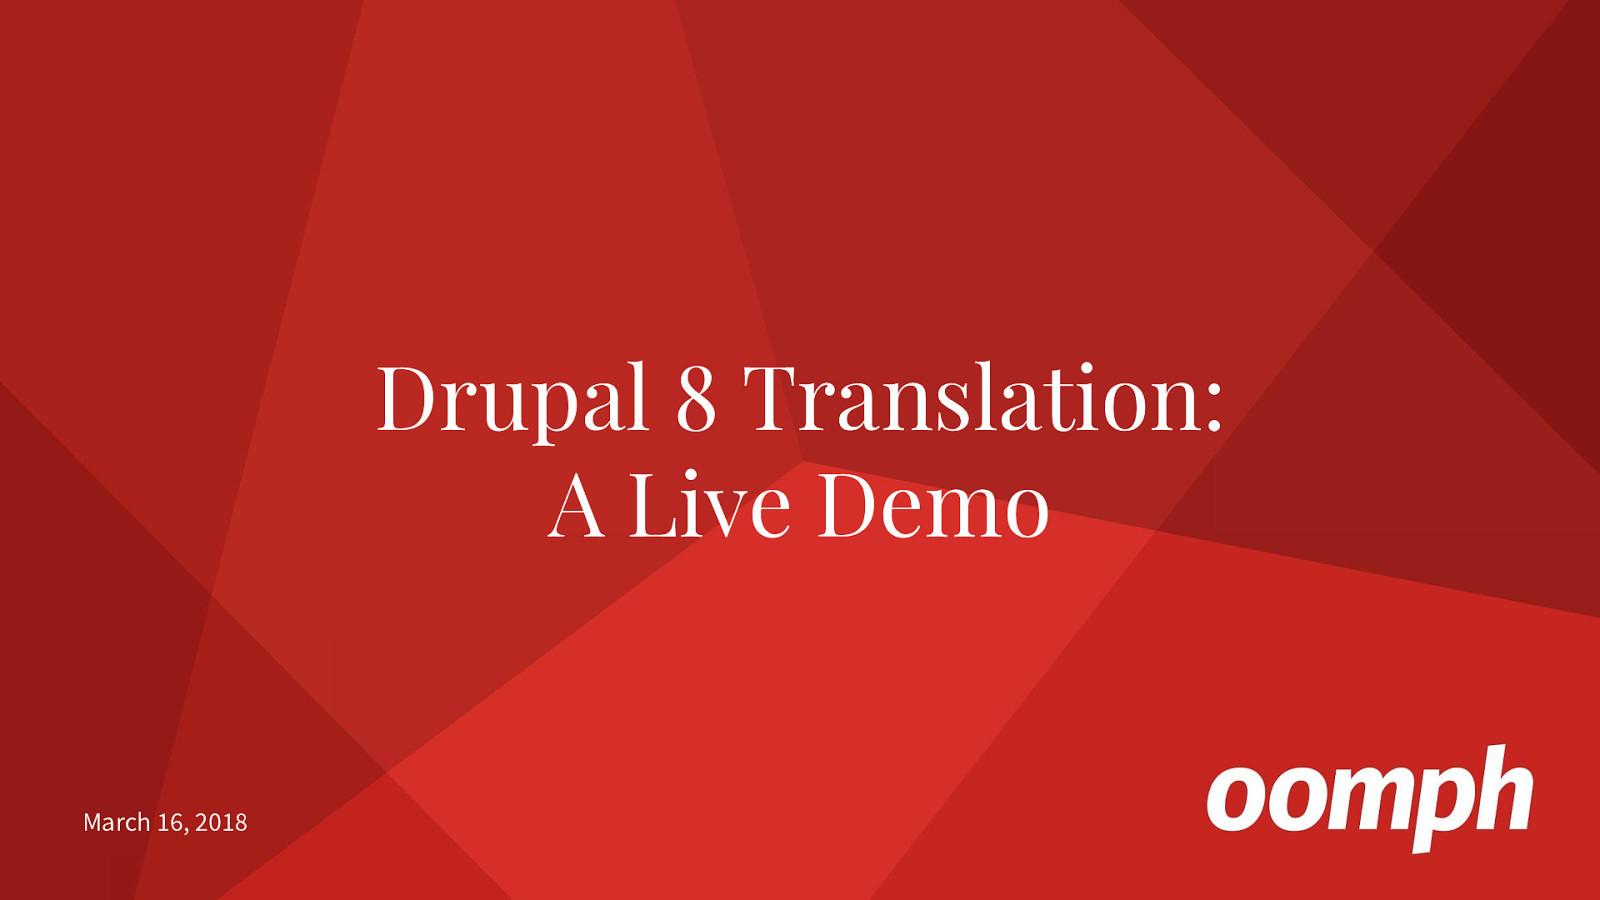 Drupal 8 Translation - A Live Demo